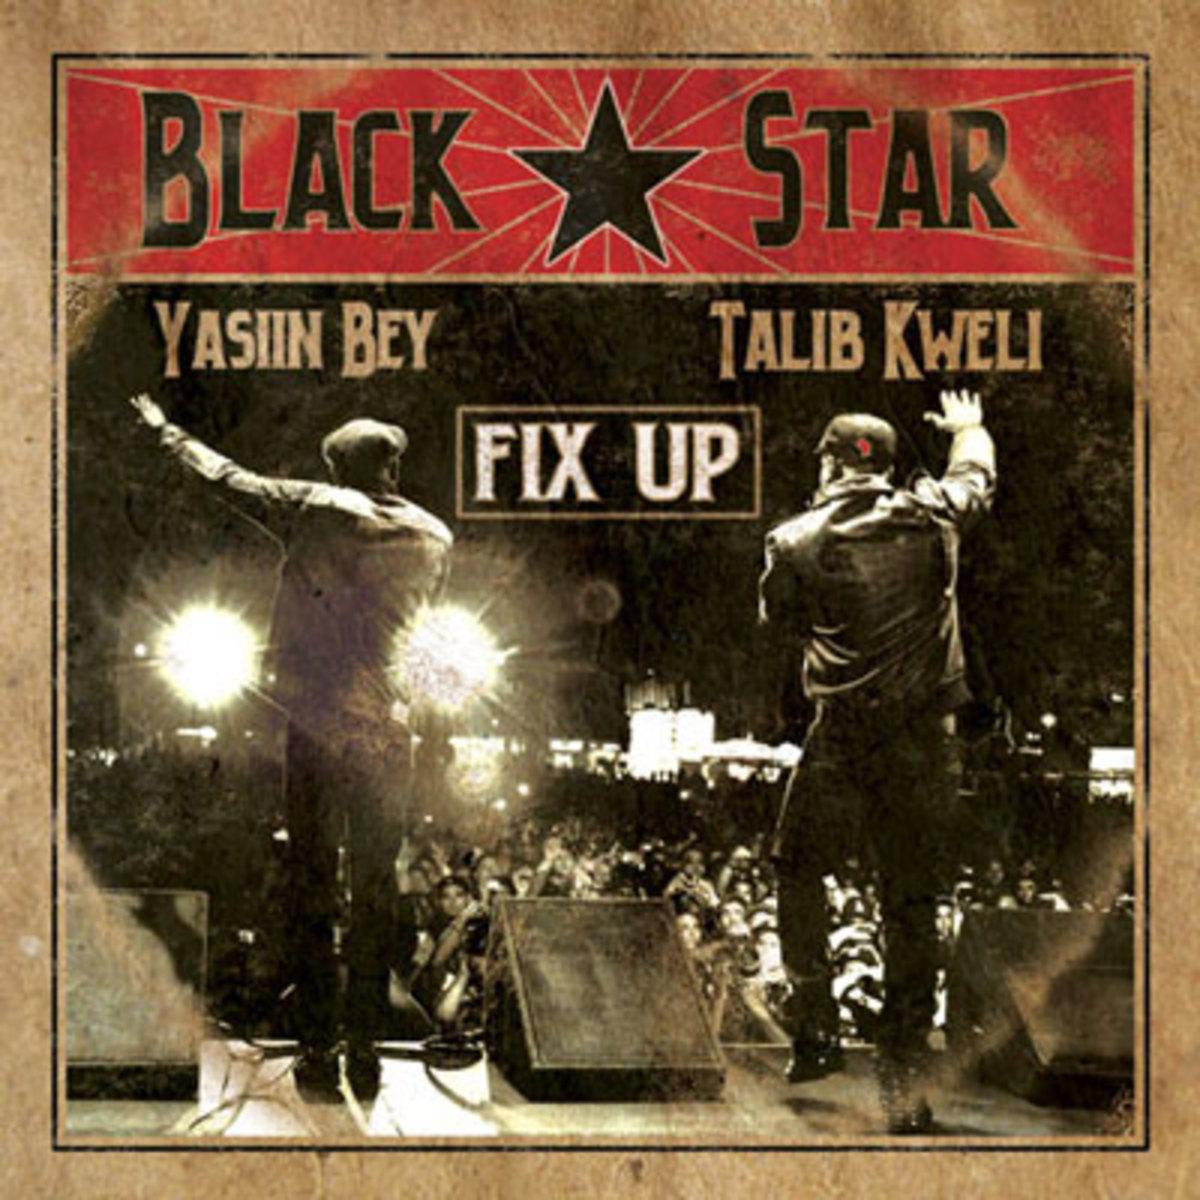 blackstar-fix-up.jpg